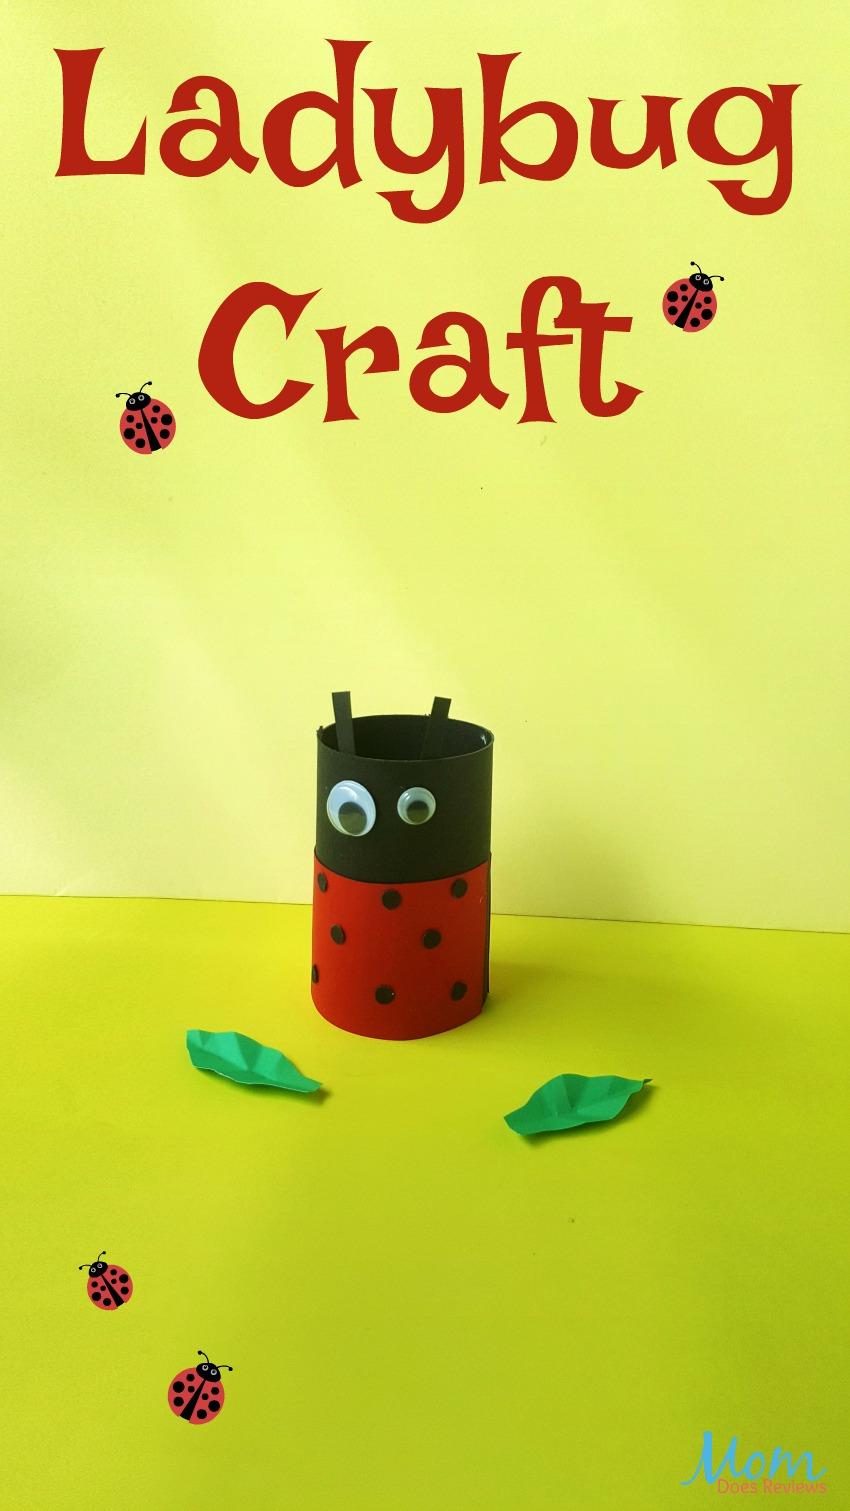 Ladybug Toilet Paper Roll #Craft for Kids #ladybug #craftsforkids #easycraft #fun